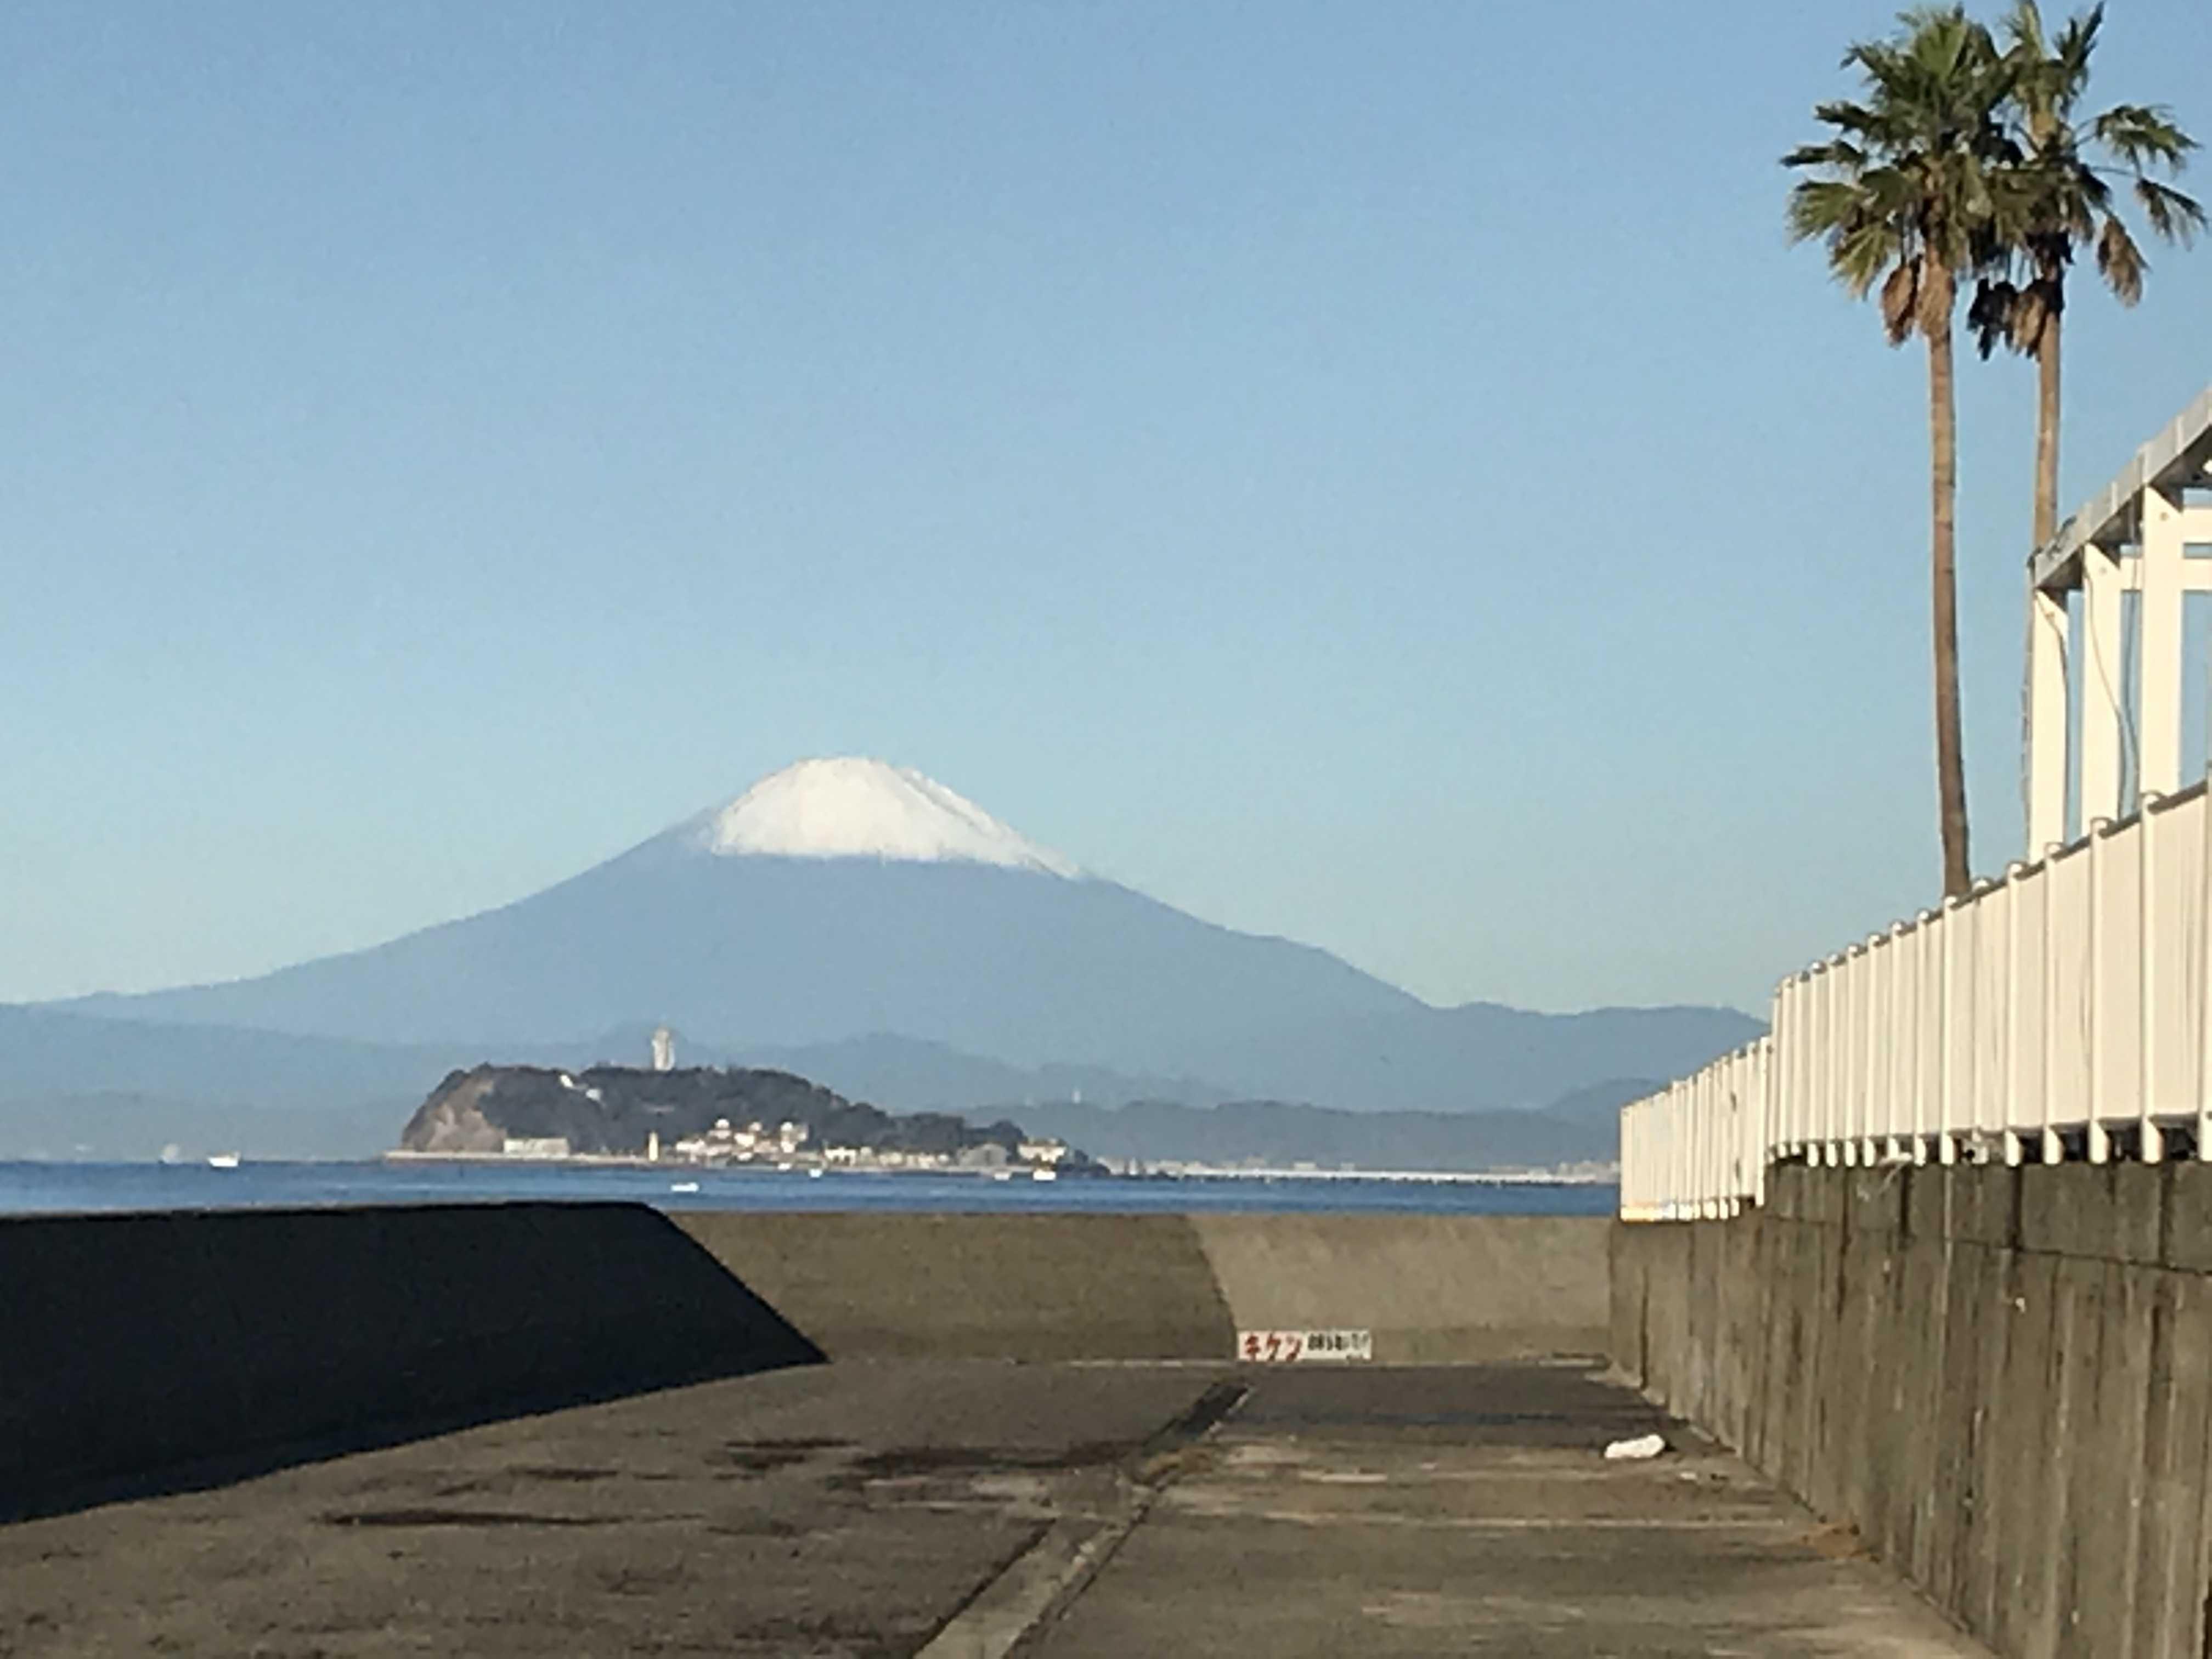 エンペラーウェザーの奇跡の虹の翌日は美しい富士山_c0343447_08432216.jpg